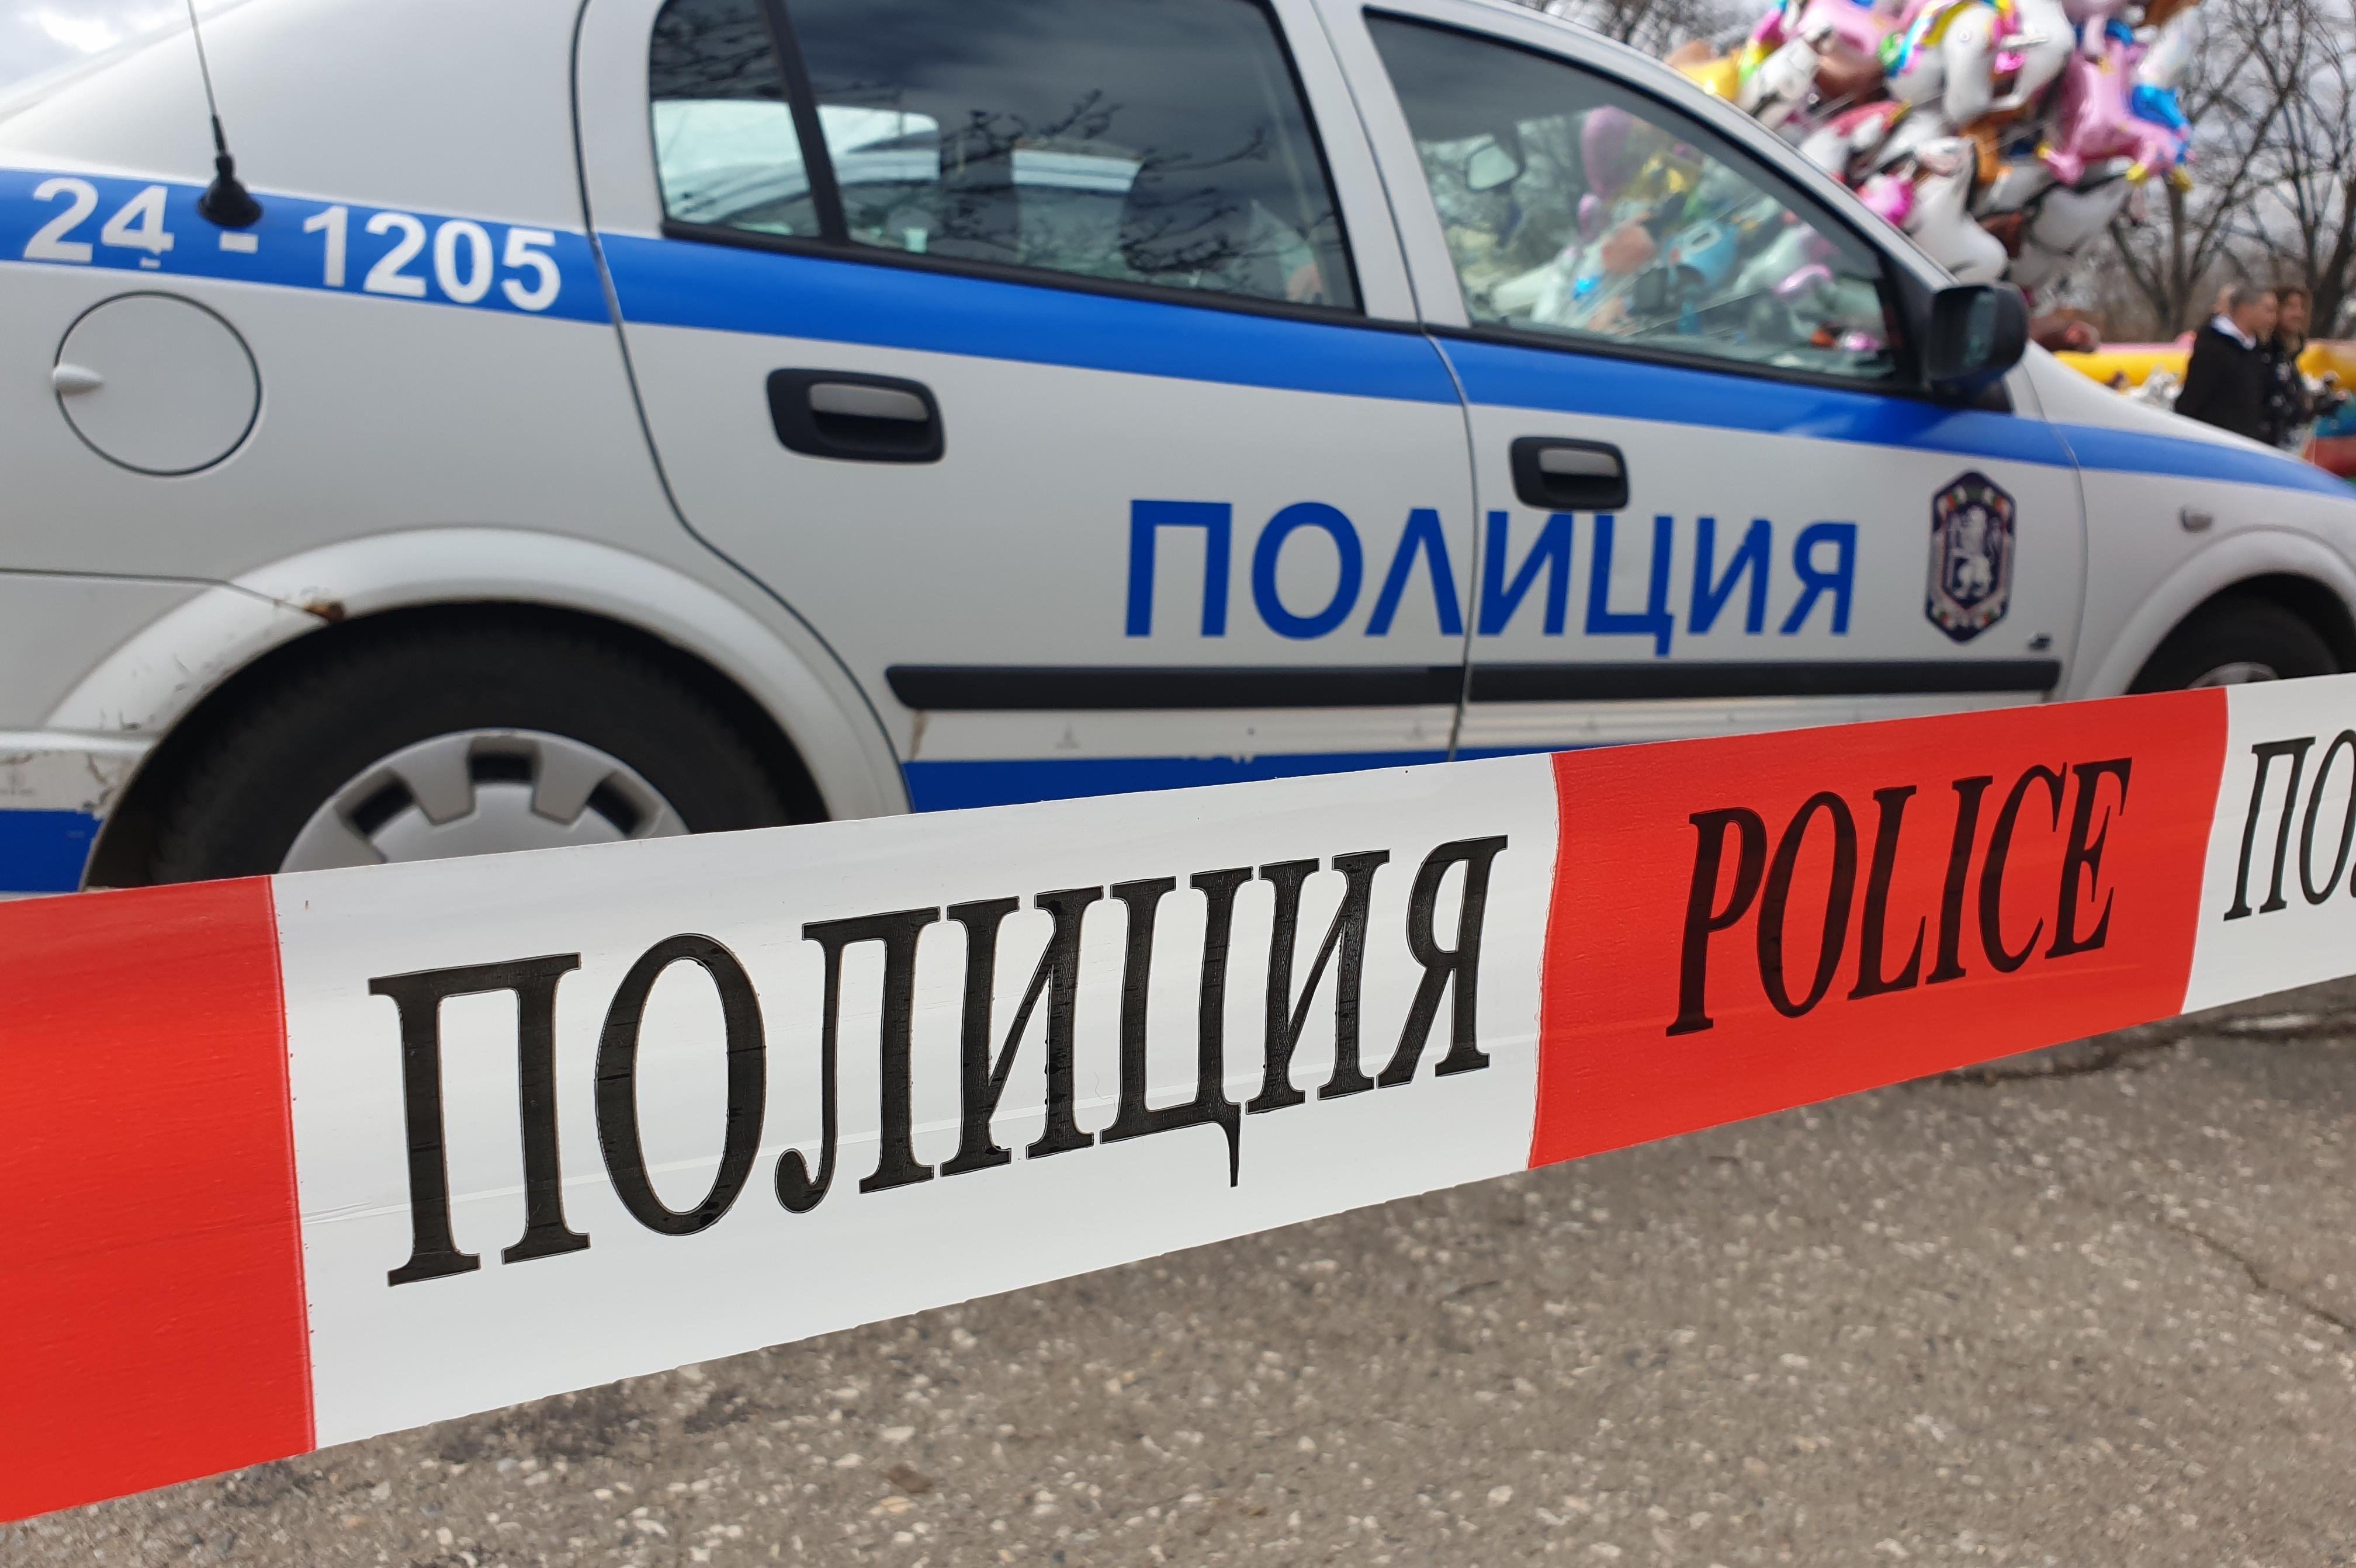 Арестуваха за 72 часа мъж, влязъл в София въпреки нареждане на полицията